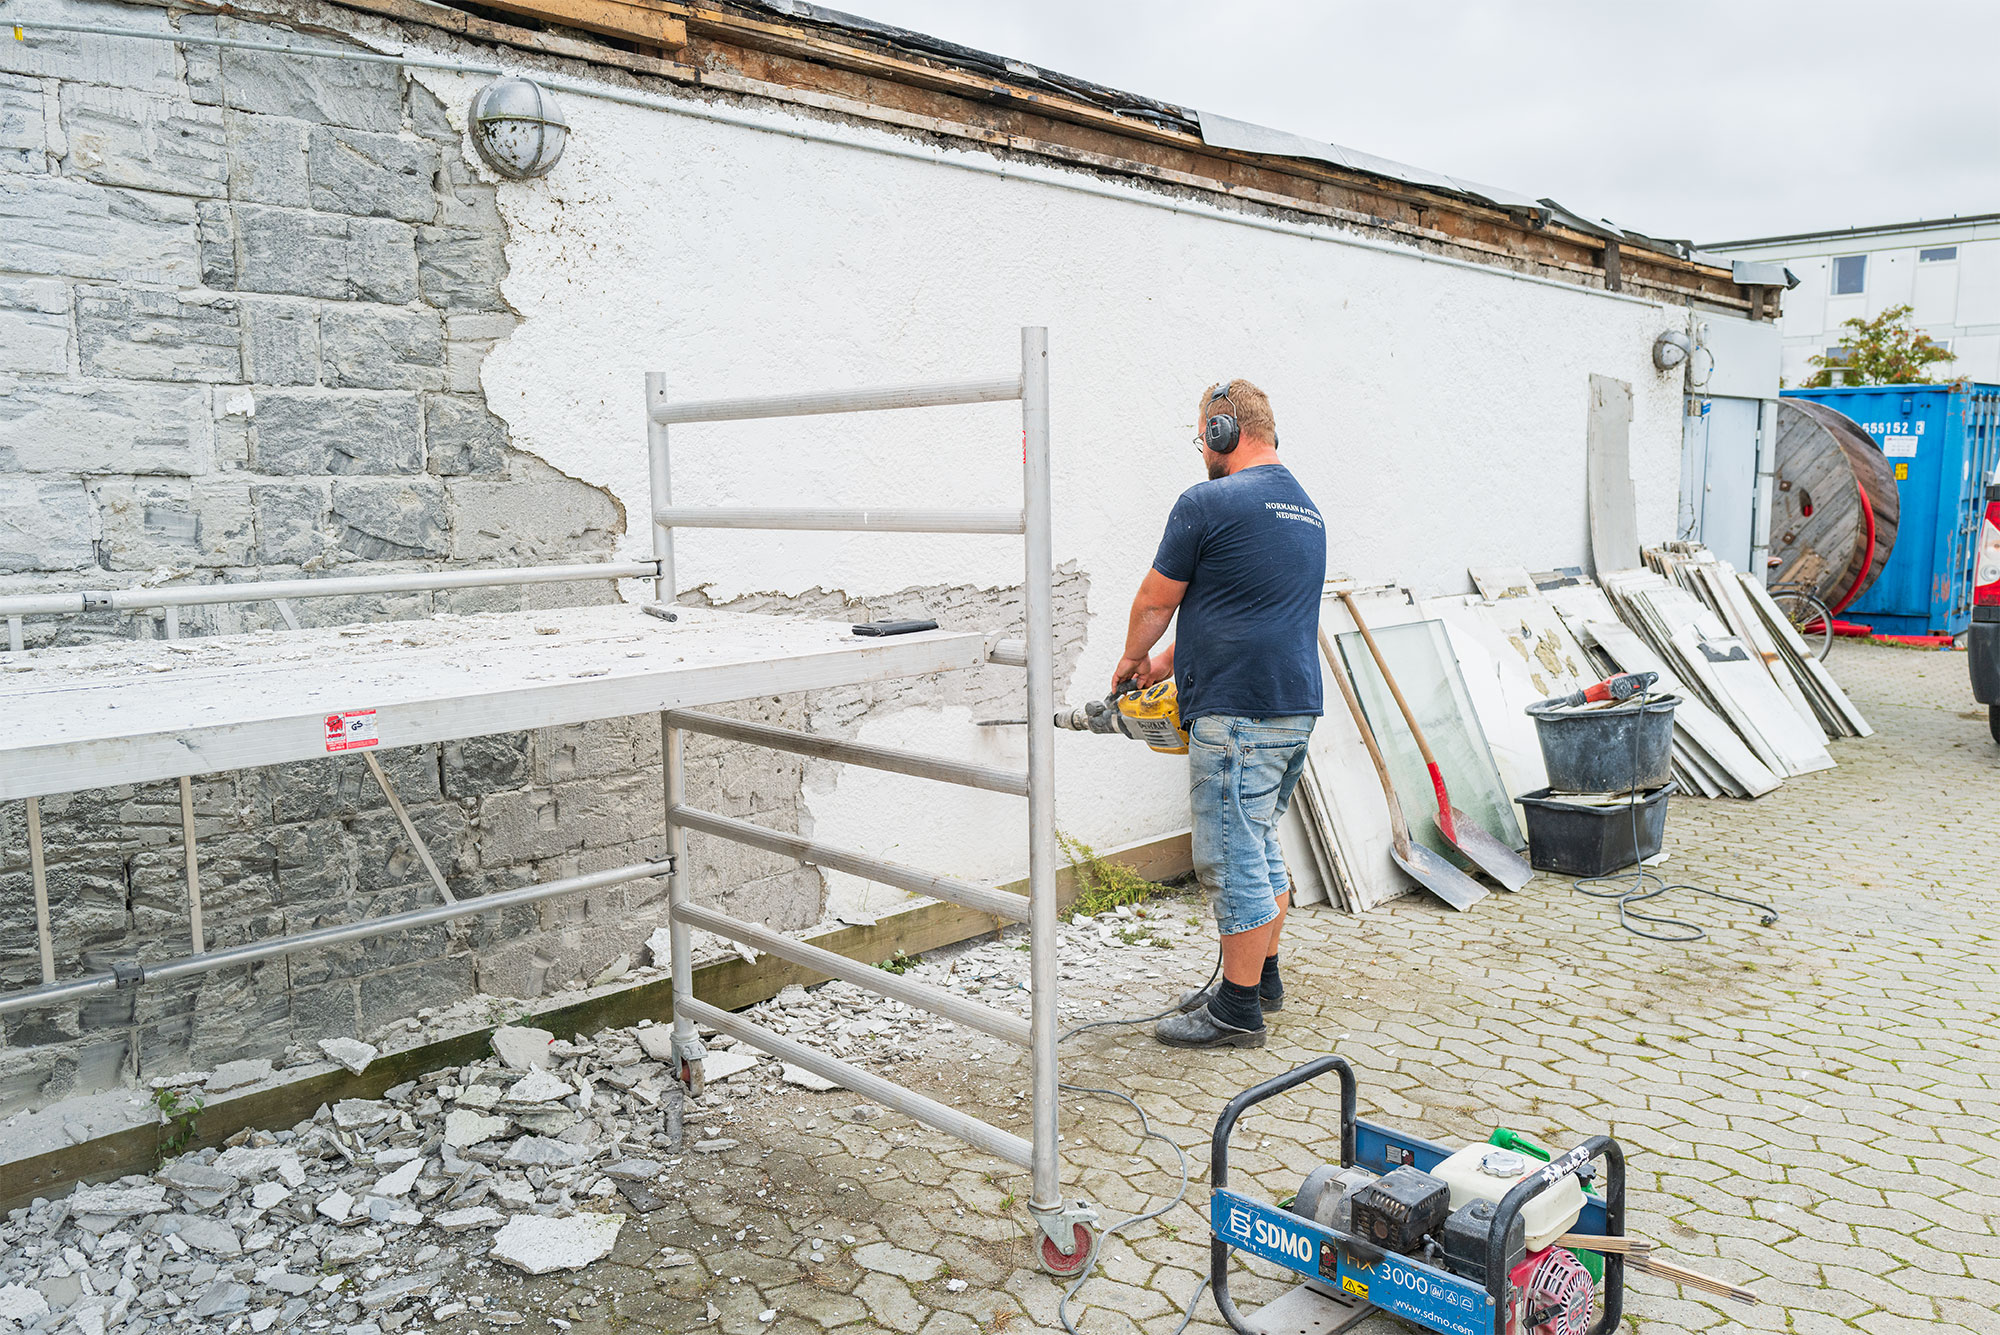 Nedbrydningen af den tidligere MENY-bygning på Krudttårnsvej er nu i fuld gang. Det foregår via en kontrolleret proces, hvor man, både før og medens bygningen nedrives, fjerner en lang række bygningsdele, således at de forskellige materialer kan bortskaffes i affaldsfraktioner. Fra Normann & Petersen Nedbrydning A/S, der står for arbejdet med at fjerne bygningen, forlyder det, at nedrivningen forventes at være afsluttet i løbet af oktober måned. Foto: TorbenStender.